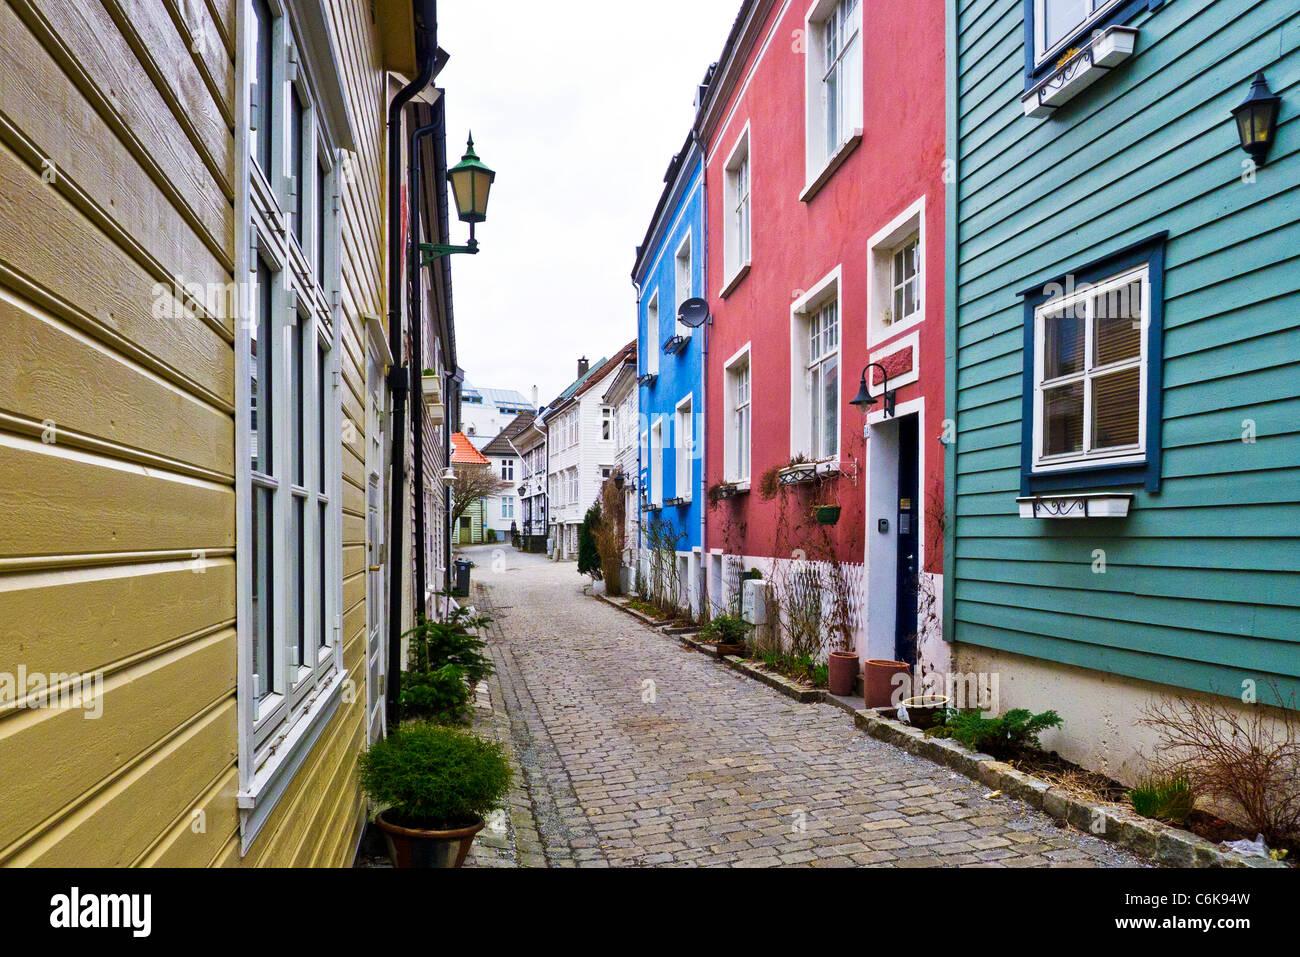 Historic old wooden houses in  Gronnevollen street, Marken, Bergen, Norway - Stock Image